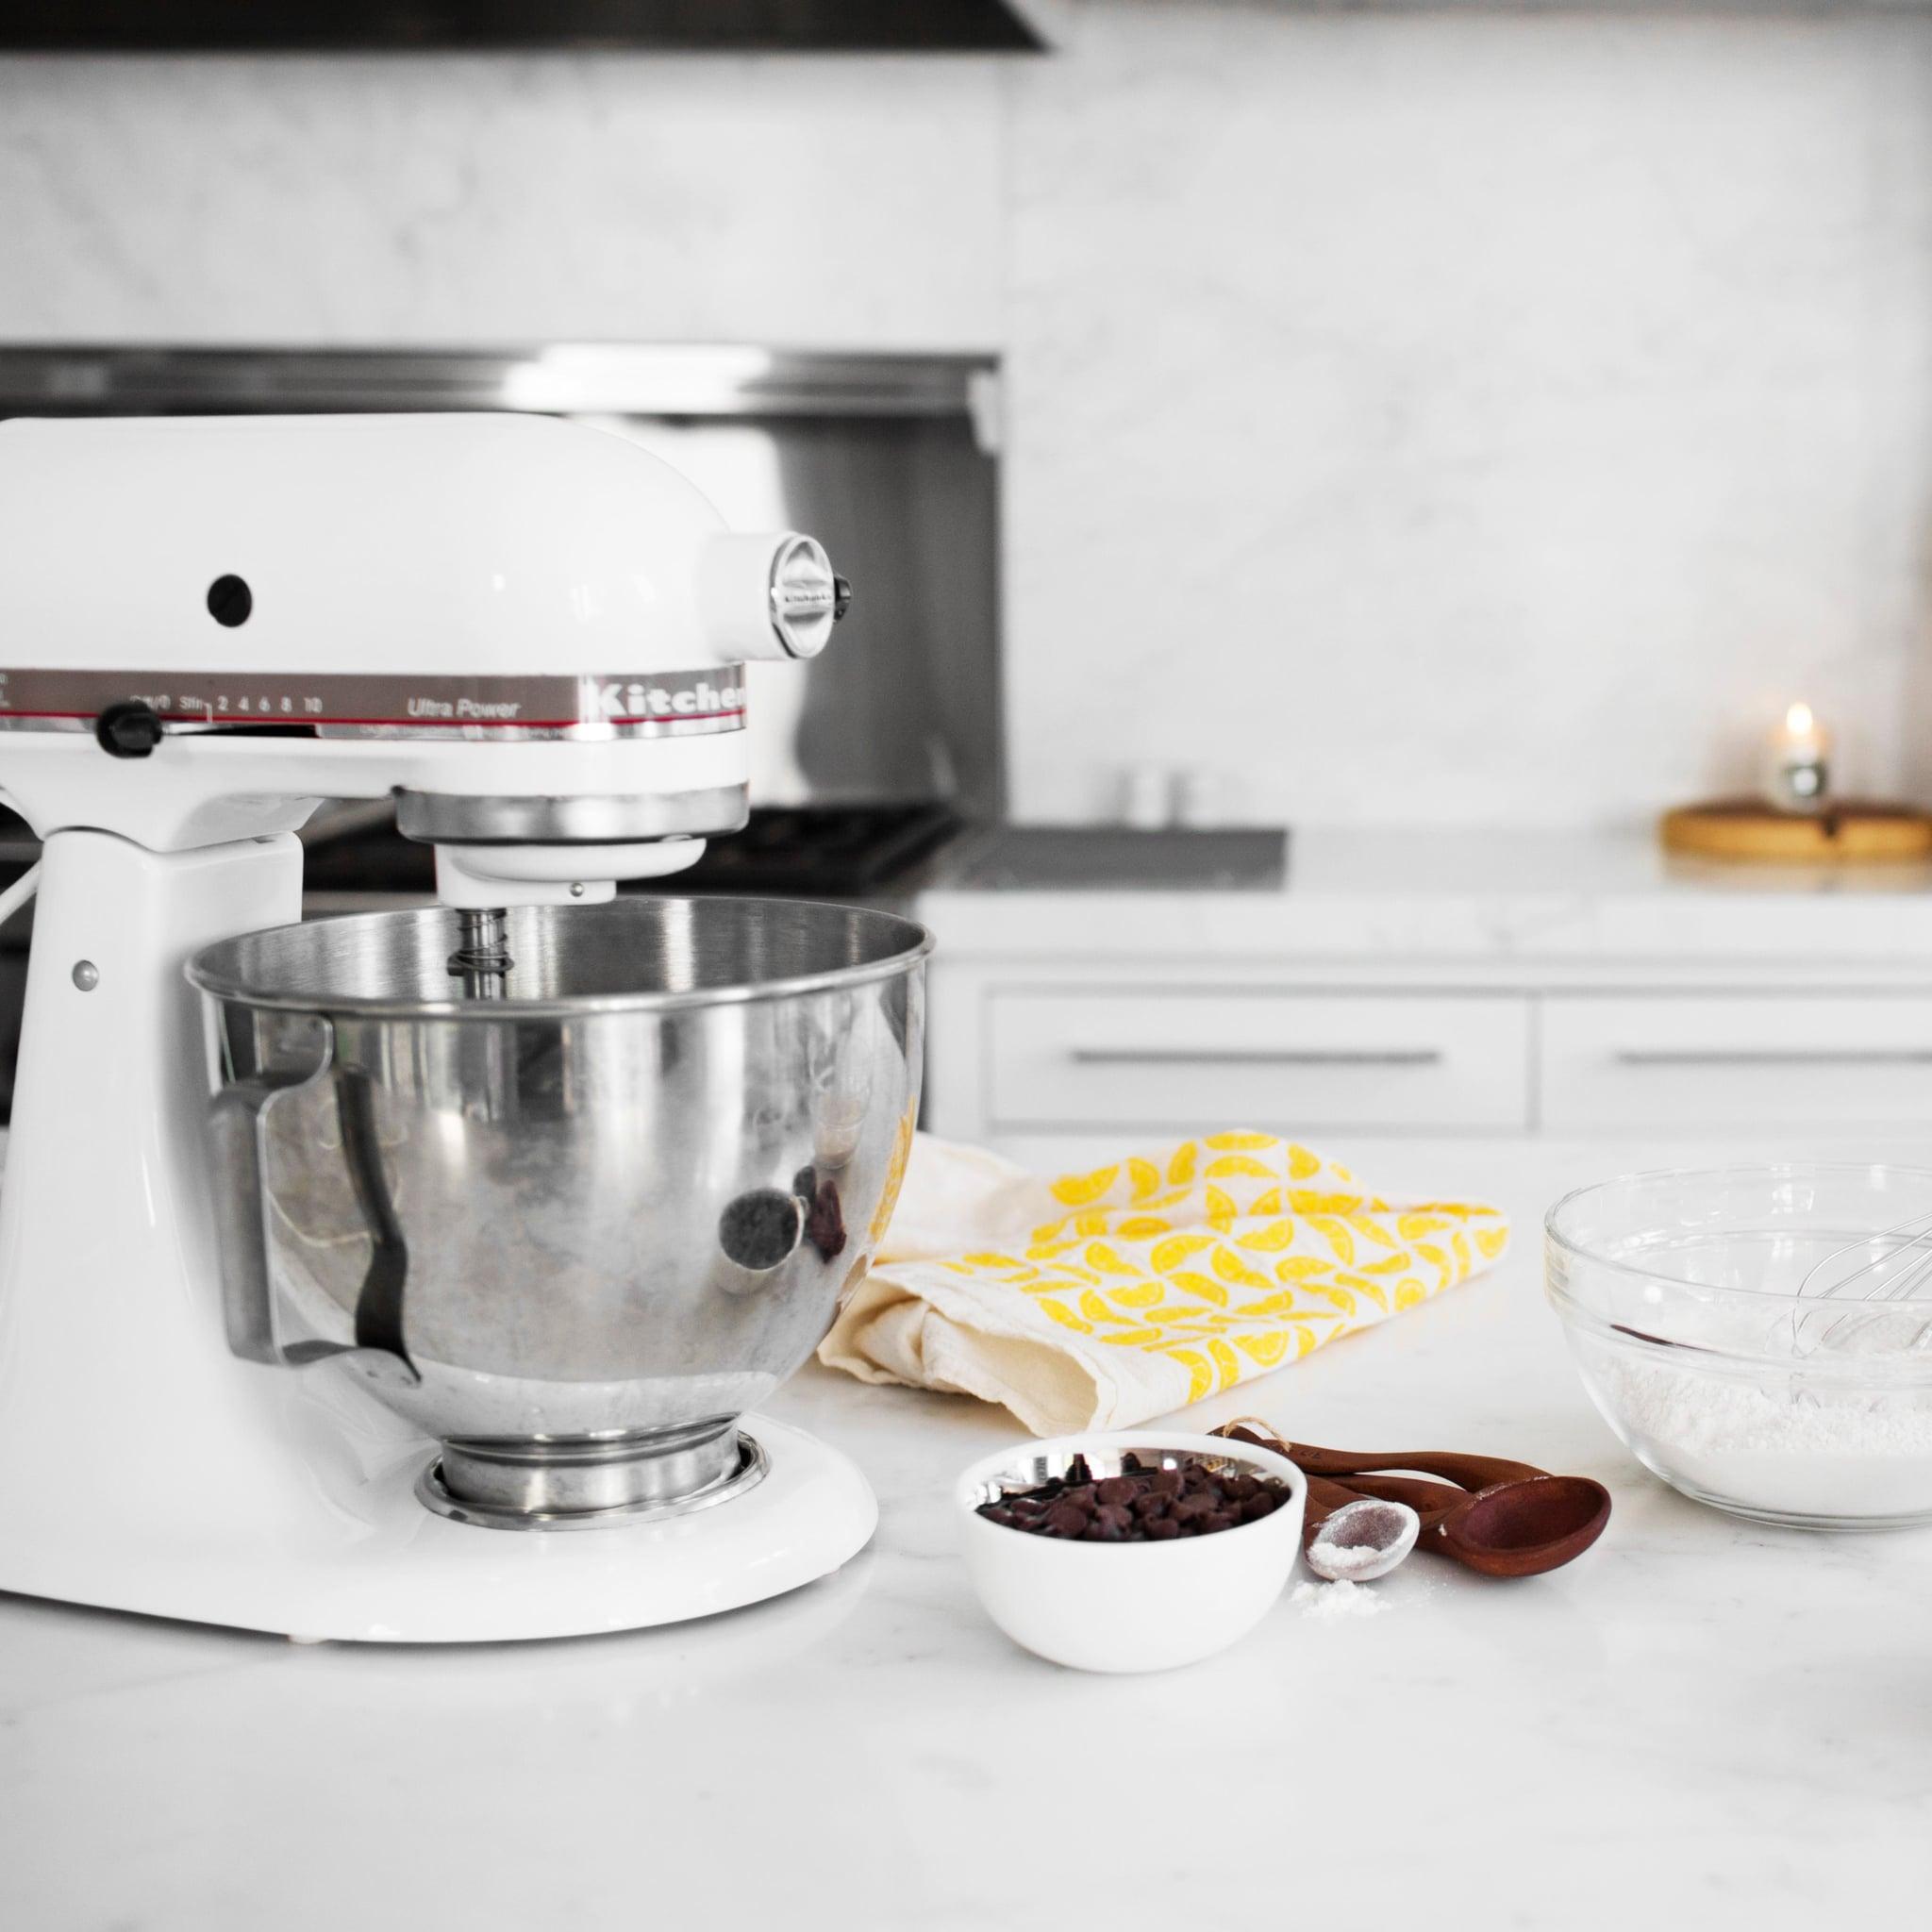 Best Kitchen Gadgets at Walmart | POPSUGAR Family